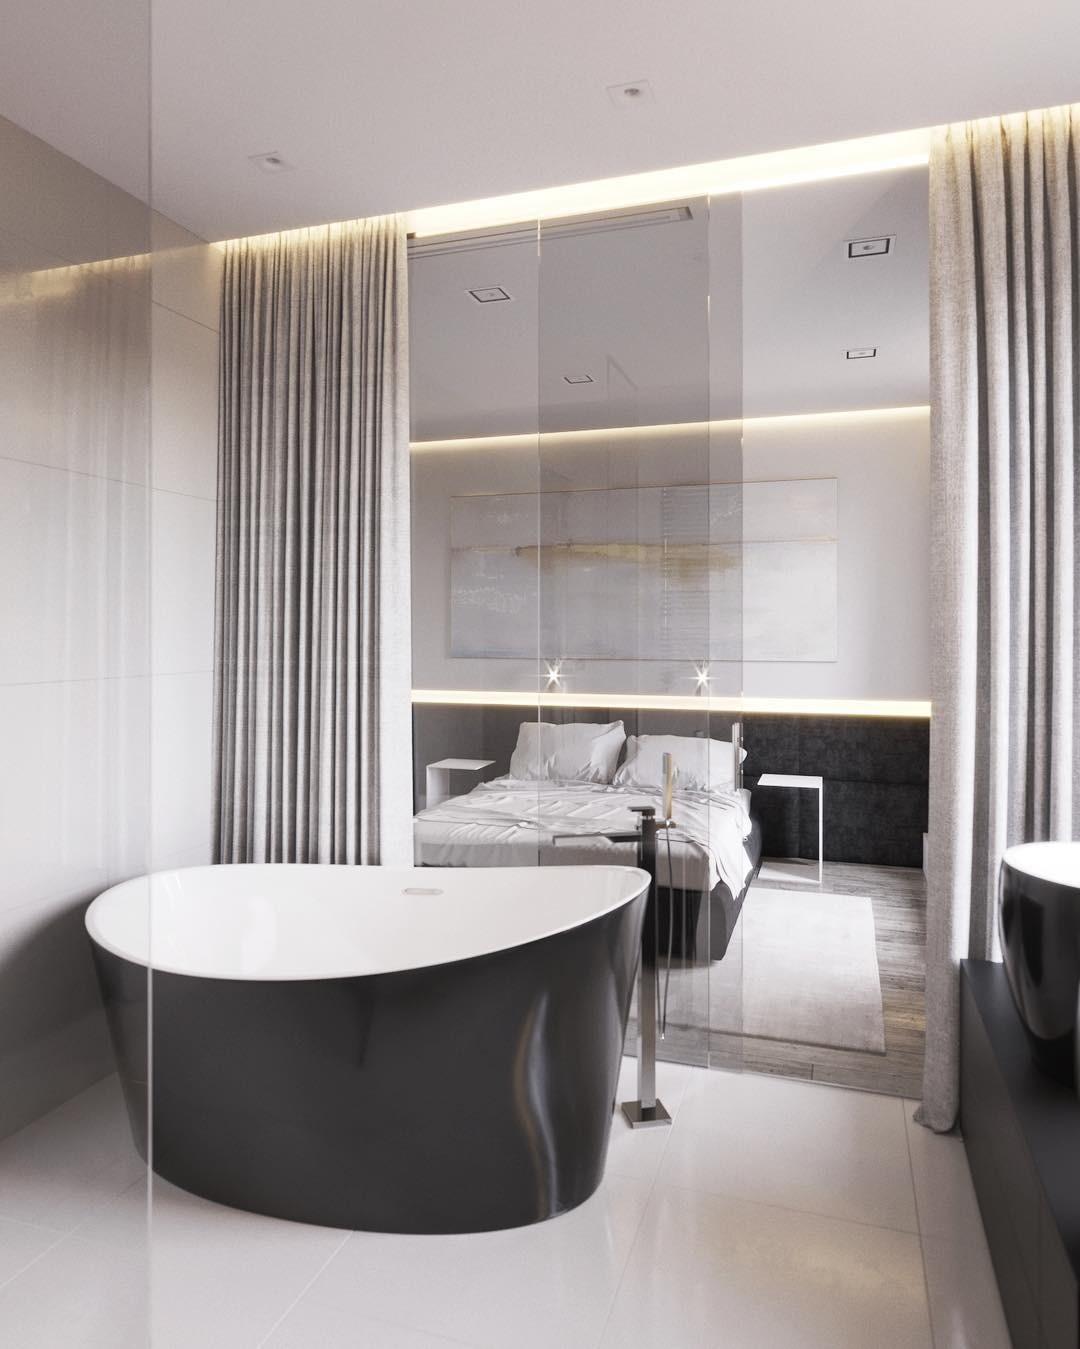 Мастер-ванная в ЖК Остров в Сочи. Фото: Instagram @marybendych